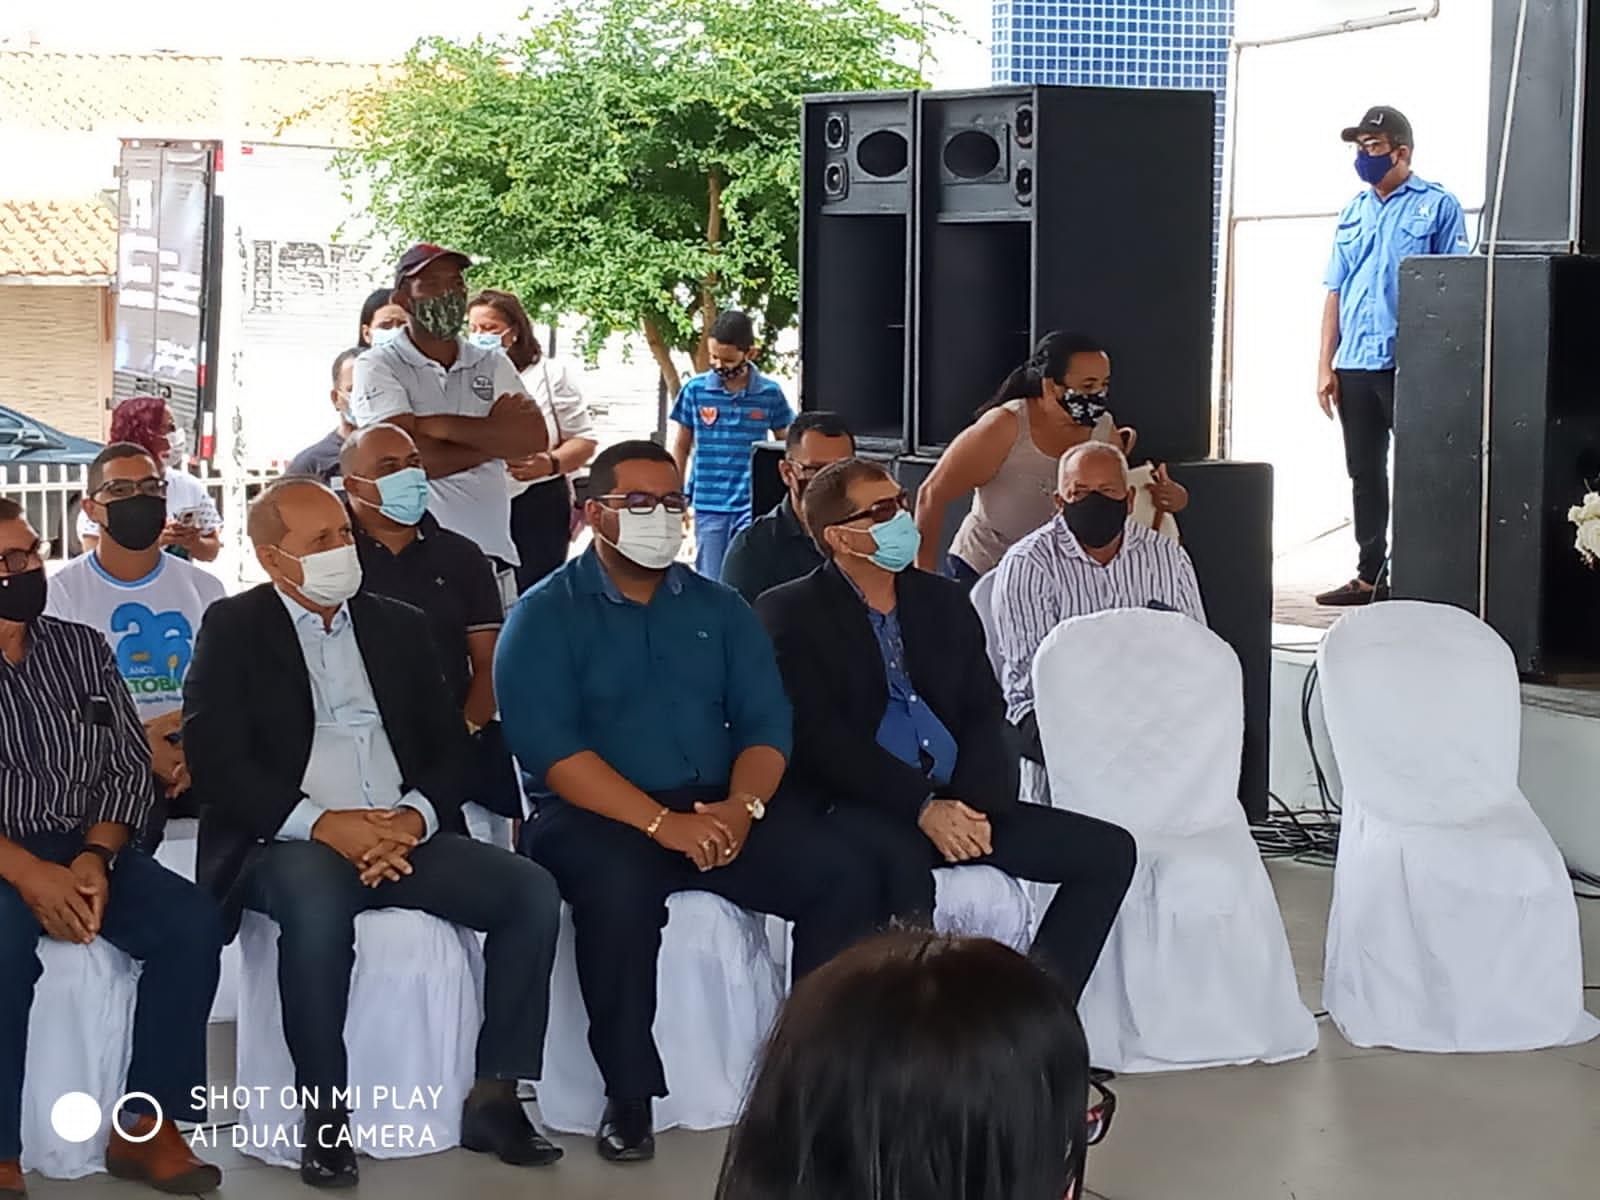 Presença do prefeito Rogério, no  evento comemorativo dos 26 anos de emancipação política de Jatobá - PE.